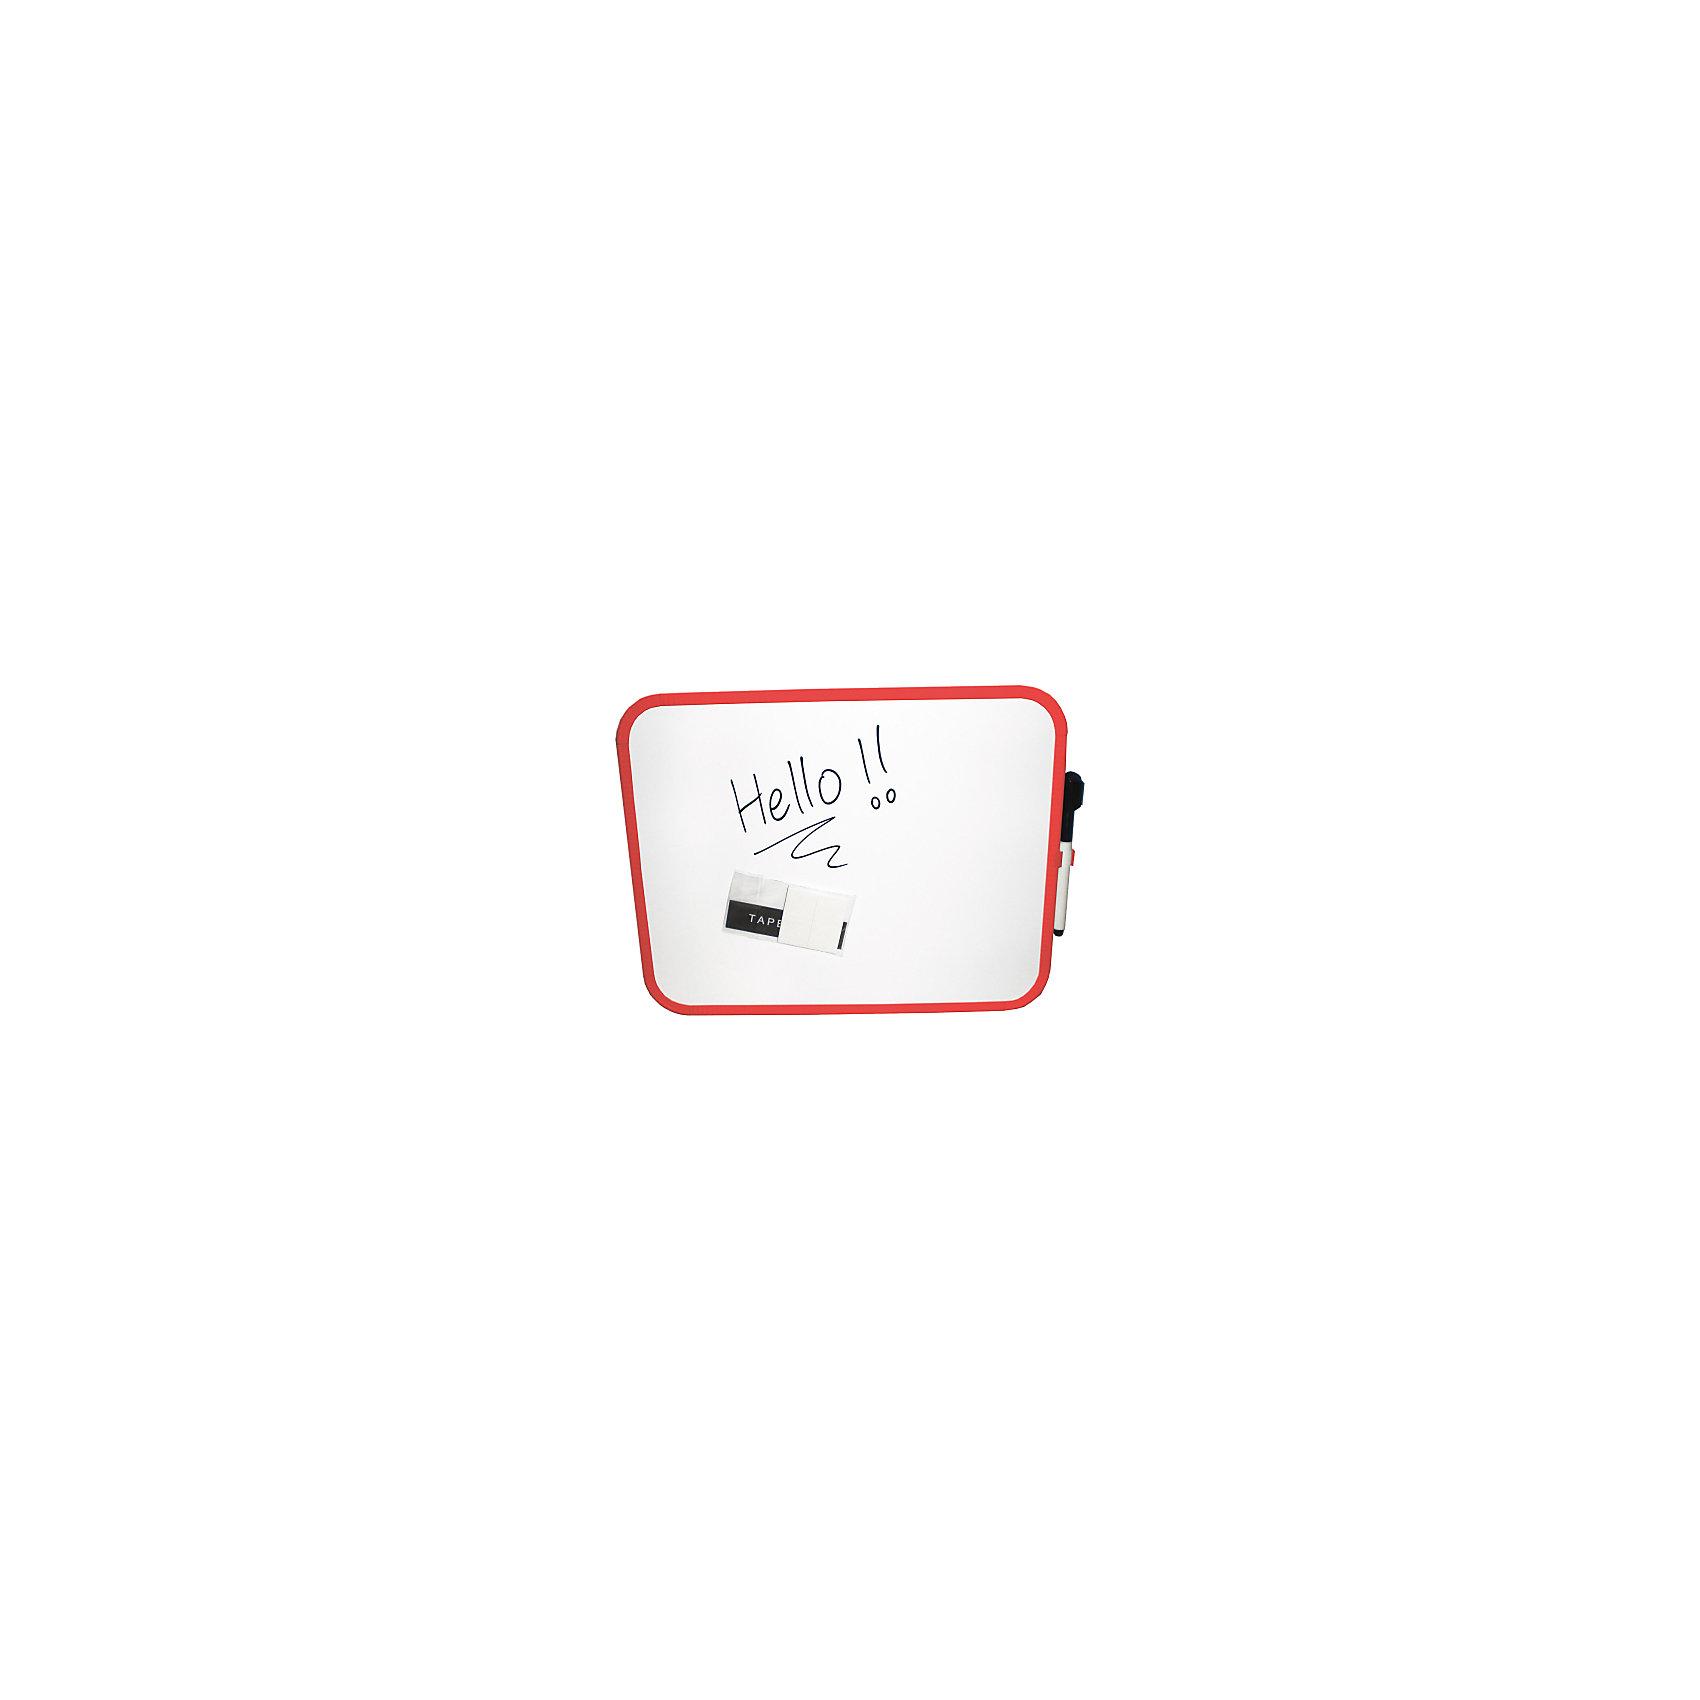 Магнитная маркерная доска с декор.рамками, цвет белый, 4 варианта цвета рамок,27,9 * 35,6 см, 1 шт+маркер-губка